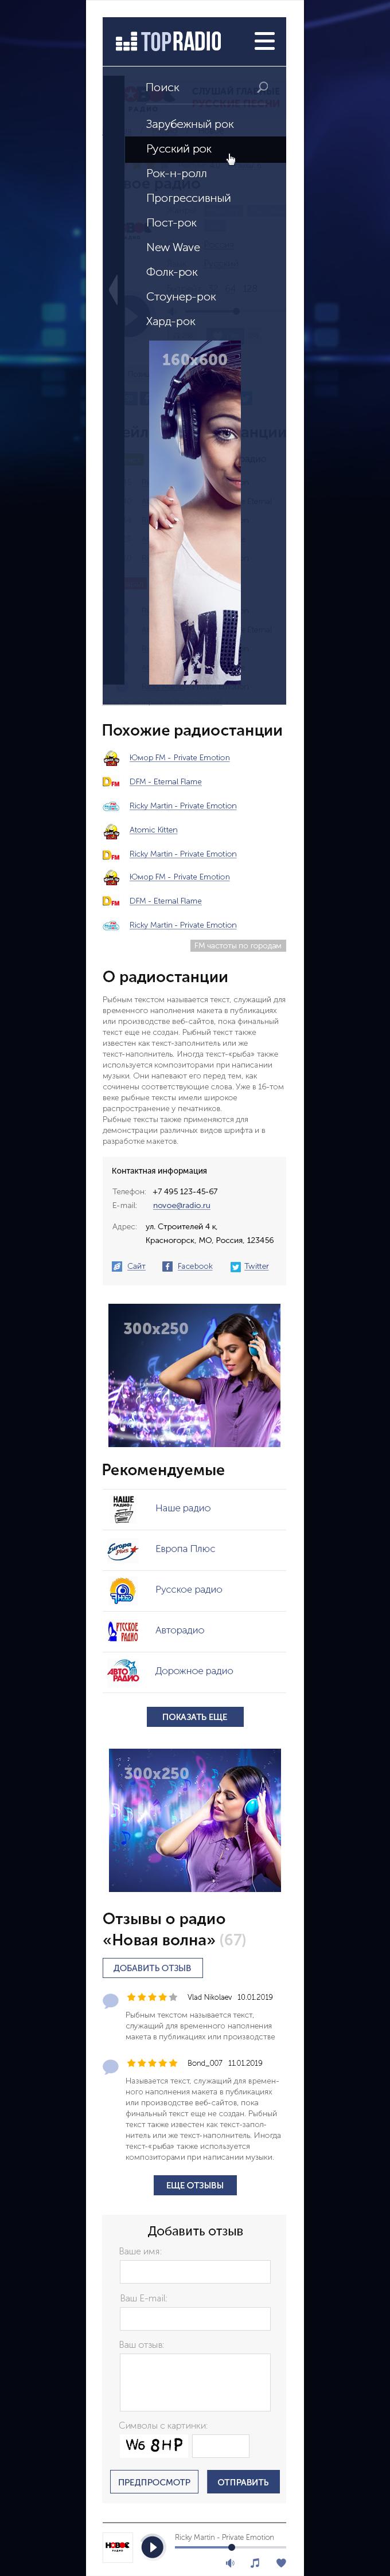 ТопРадио_Главная_Mobile